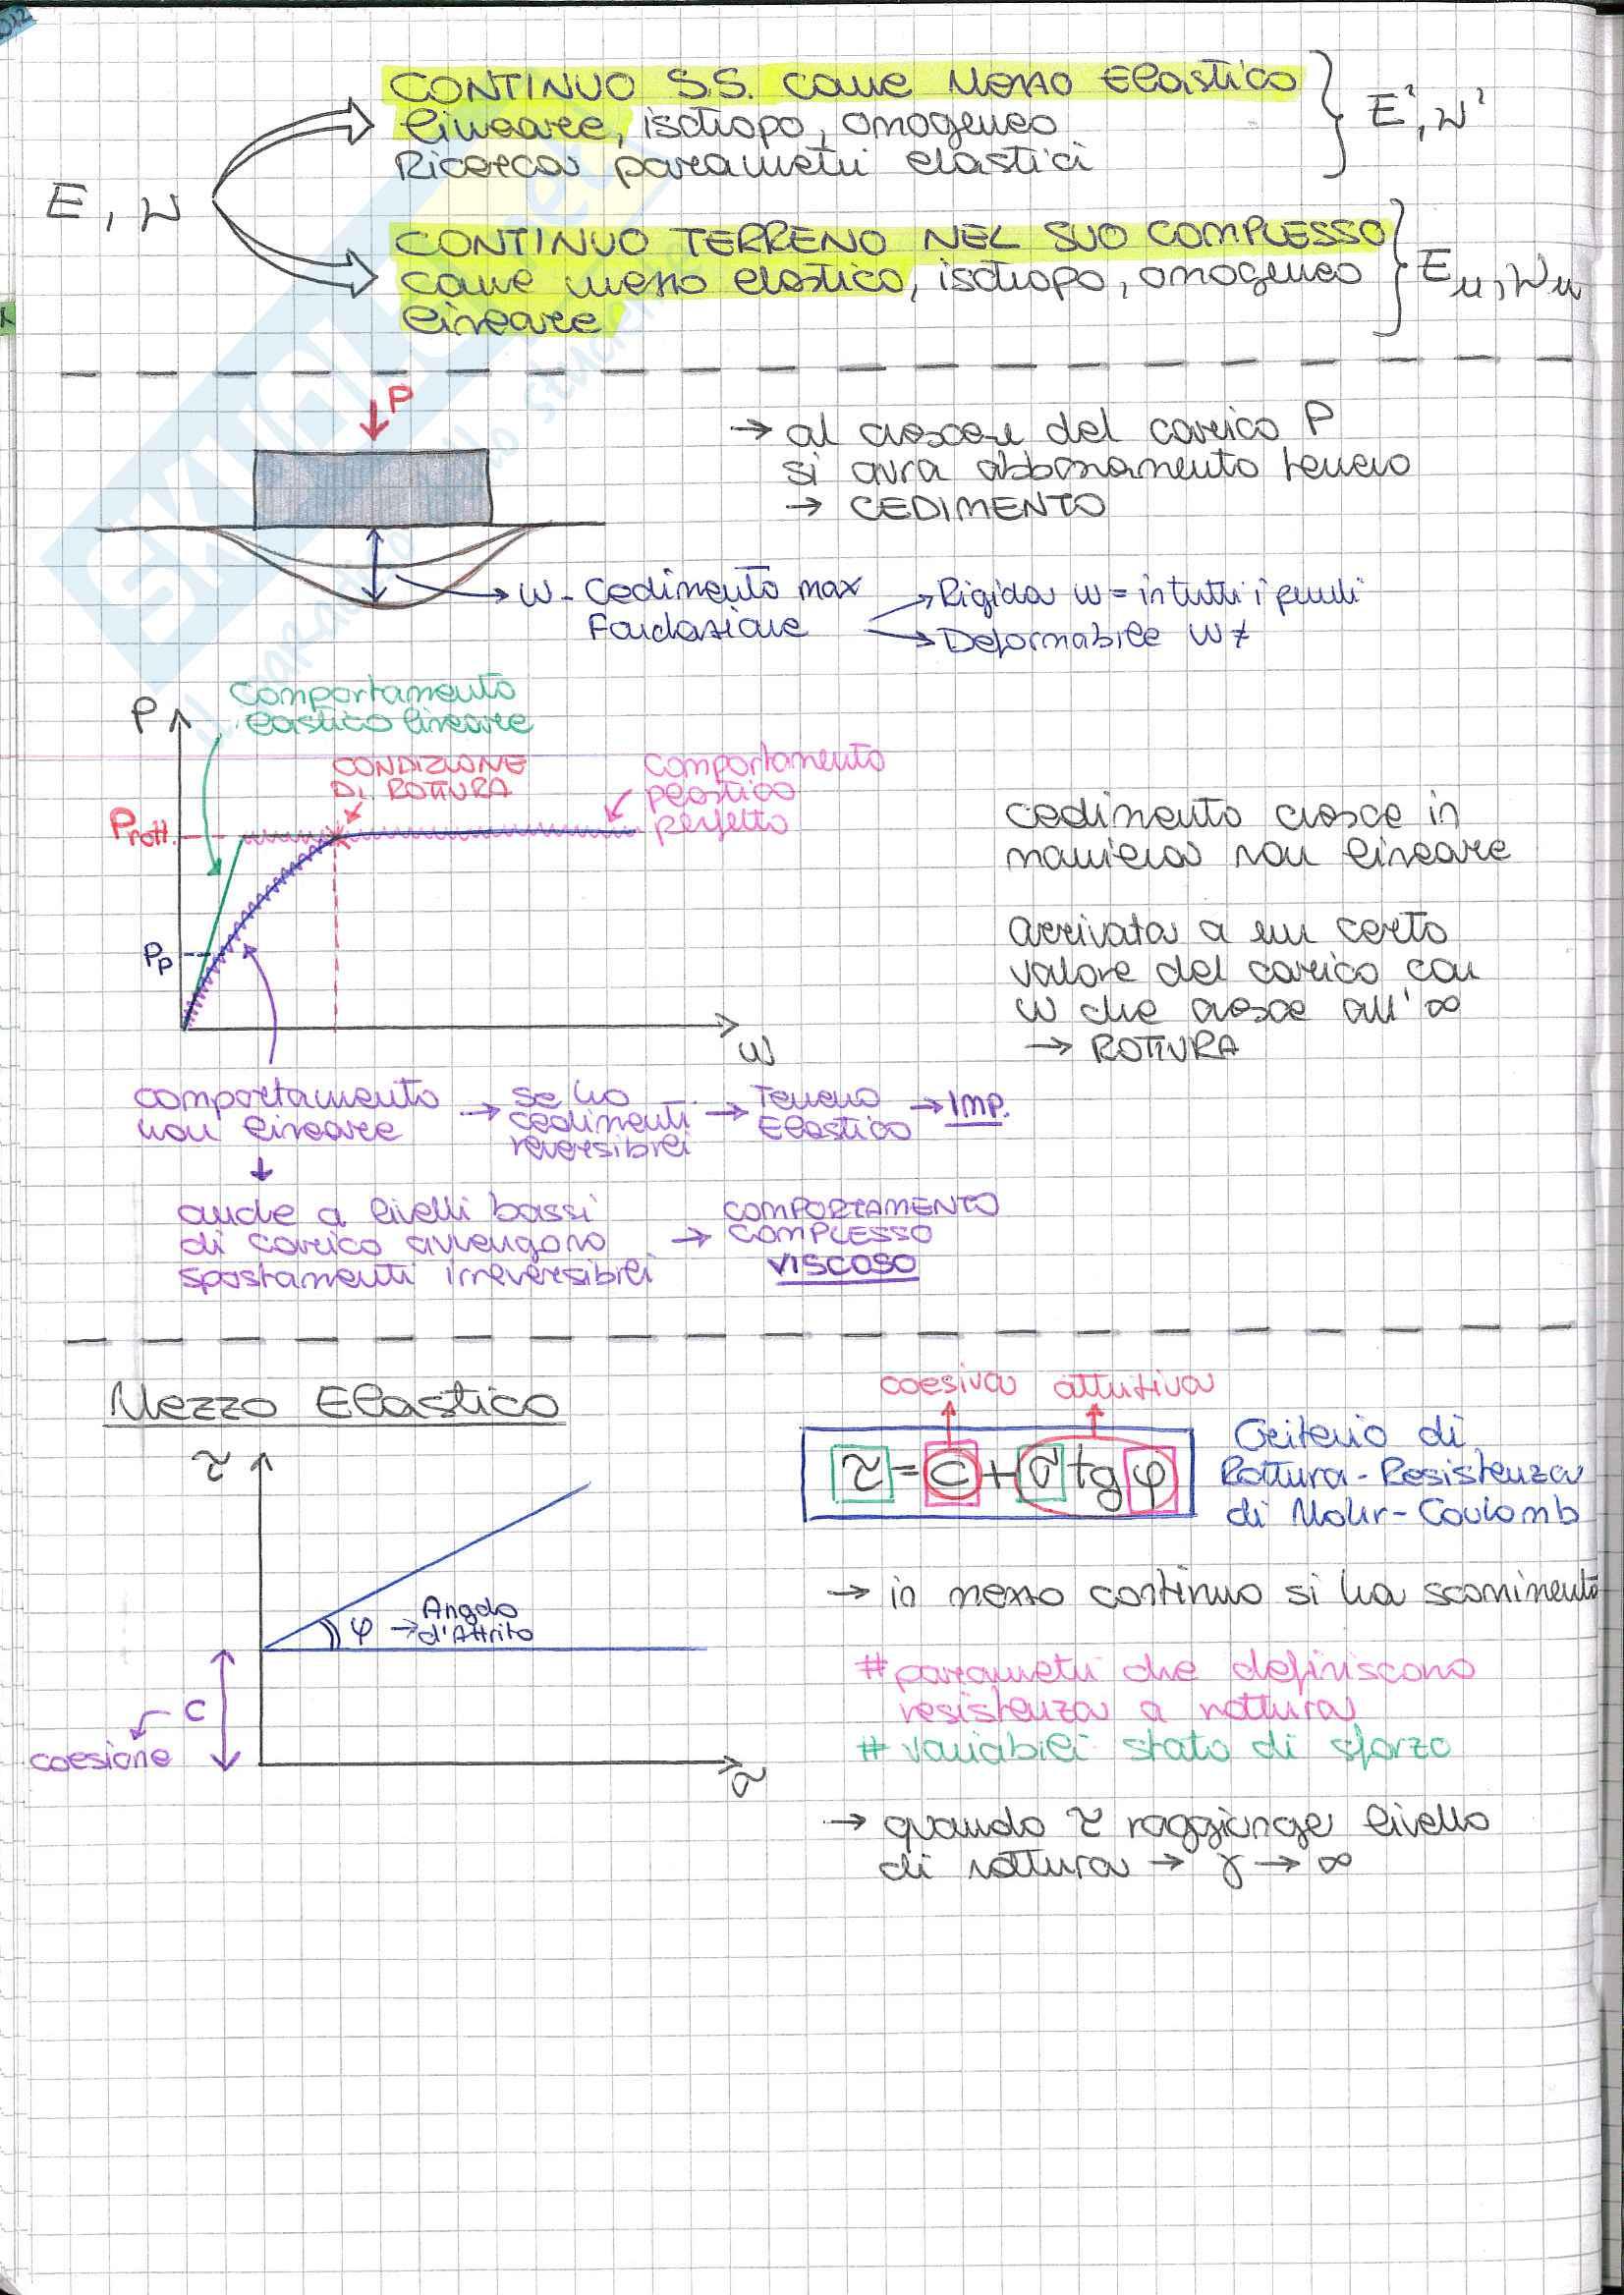 Riassunto esame Fondamenti di Geotecnica, prof. Desideri, libro consigliato Lezioni di meccanica delle terre, A. Burghignoli:  modellazione del comportamento meccanico del terreno Pag. 31